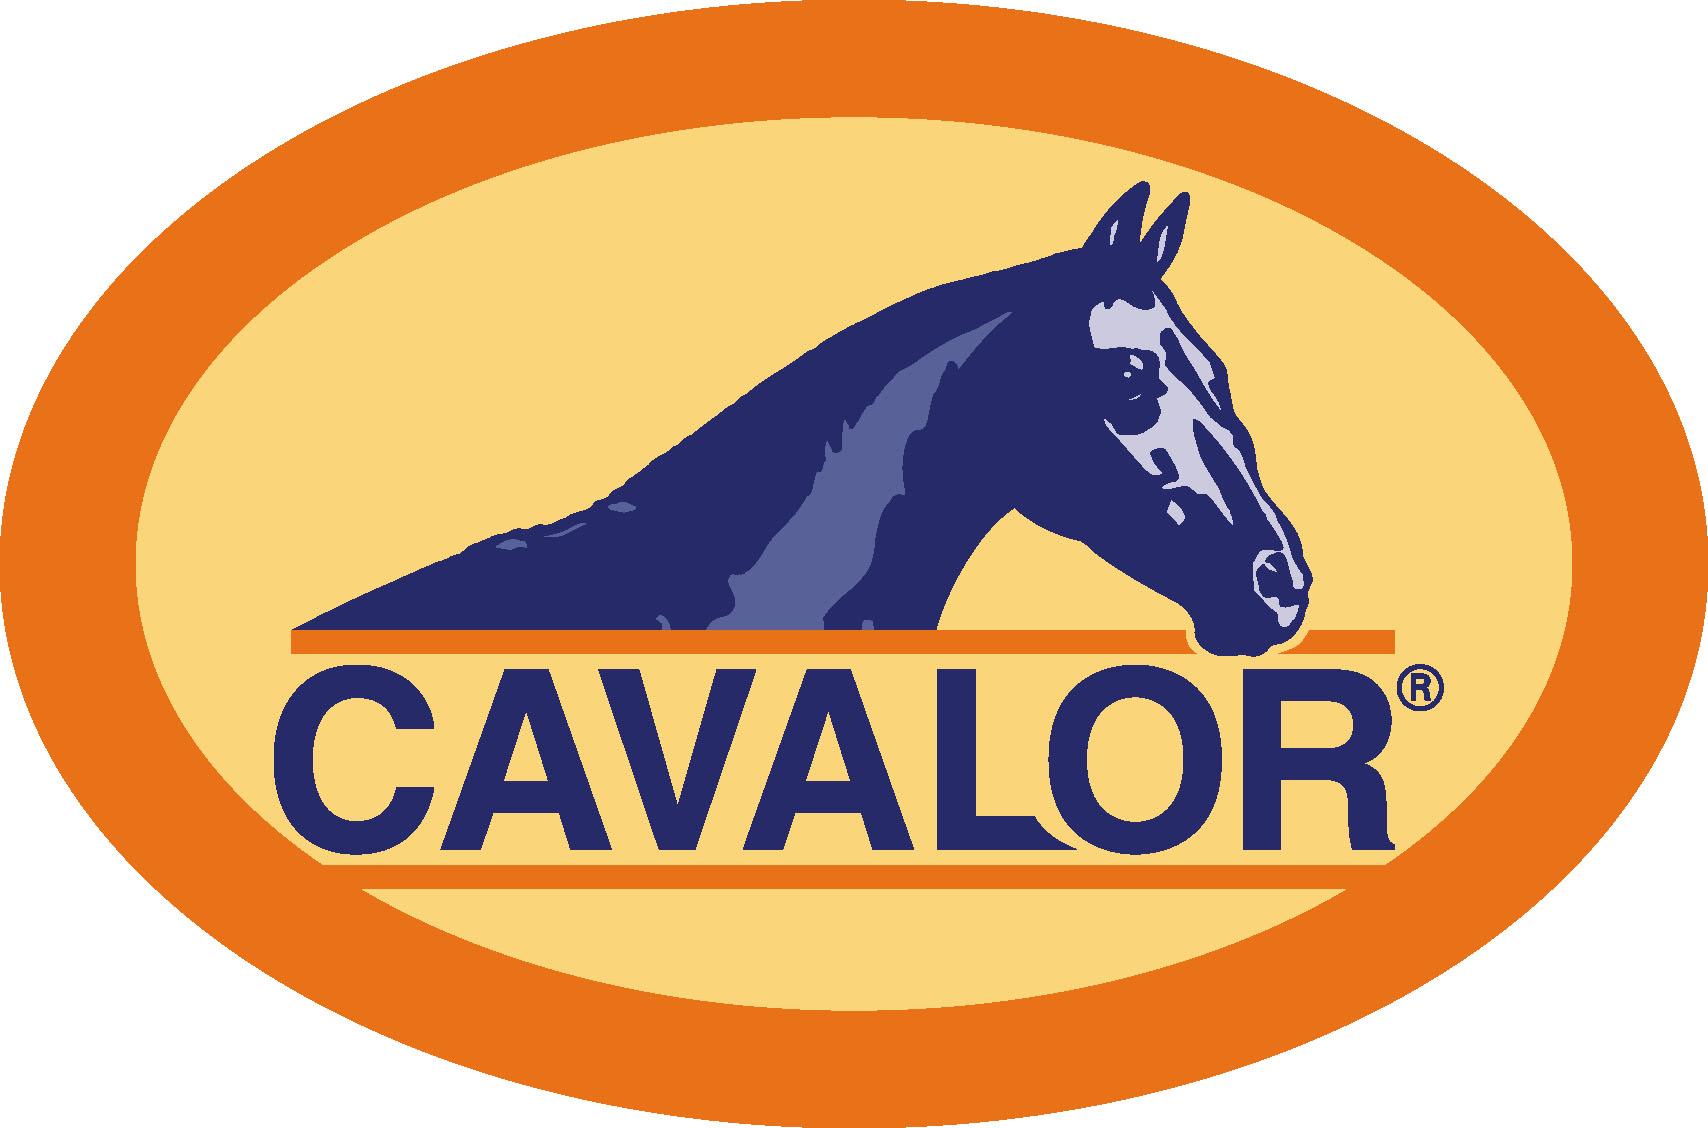 cavalor.jpg